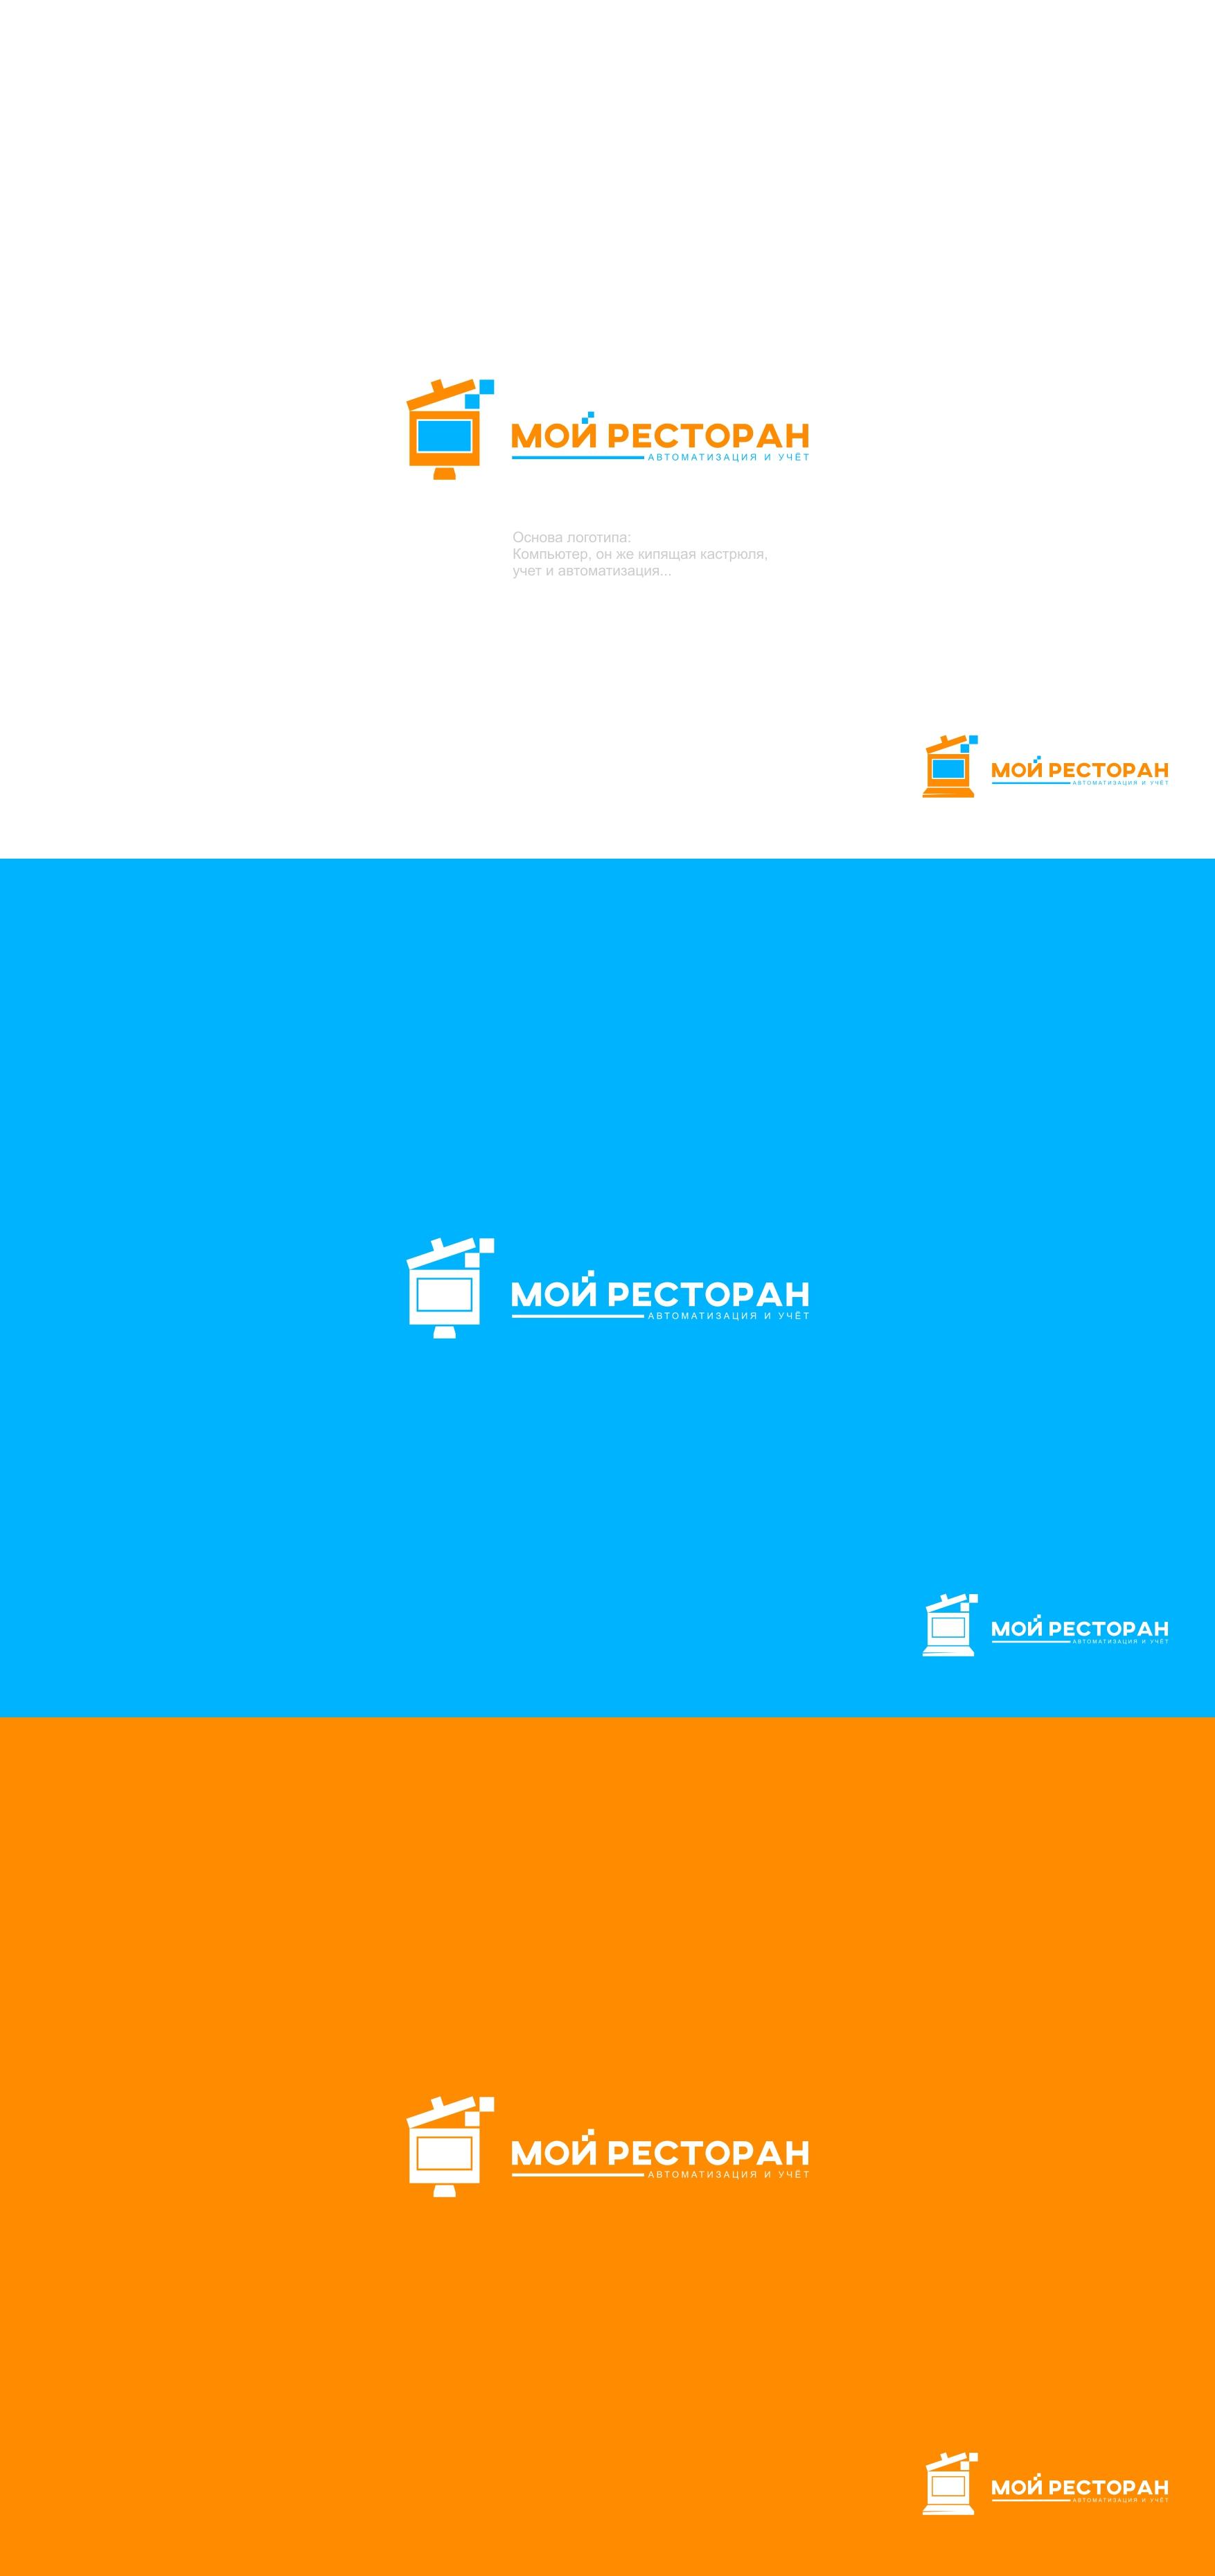 Разработать логотип и фавикон для IT- компании фото f_9715d53eb8b952be.jpg